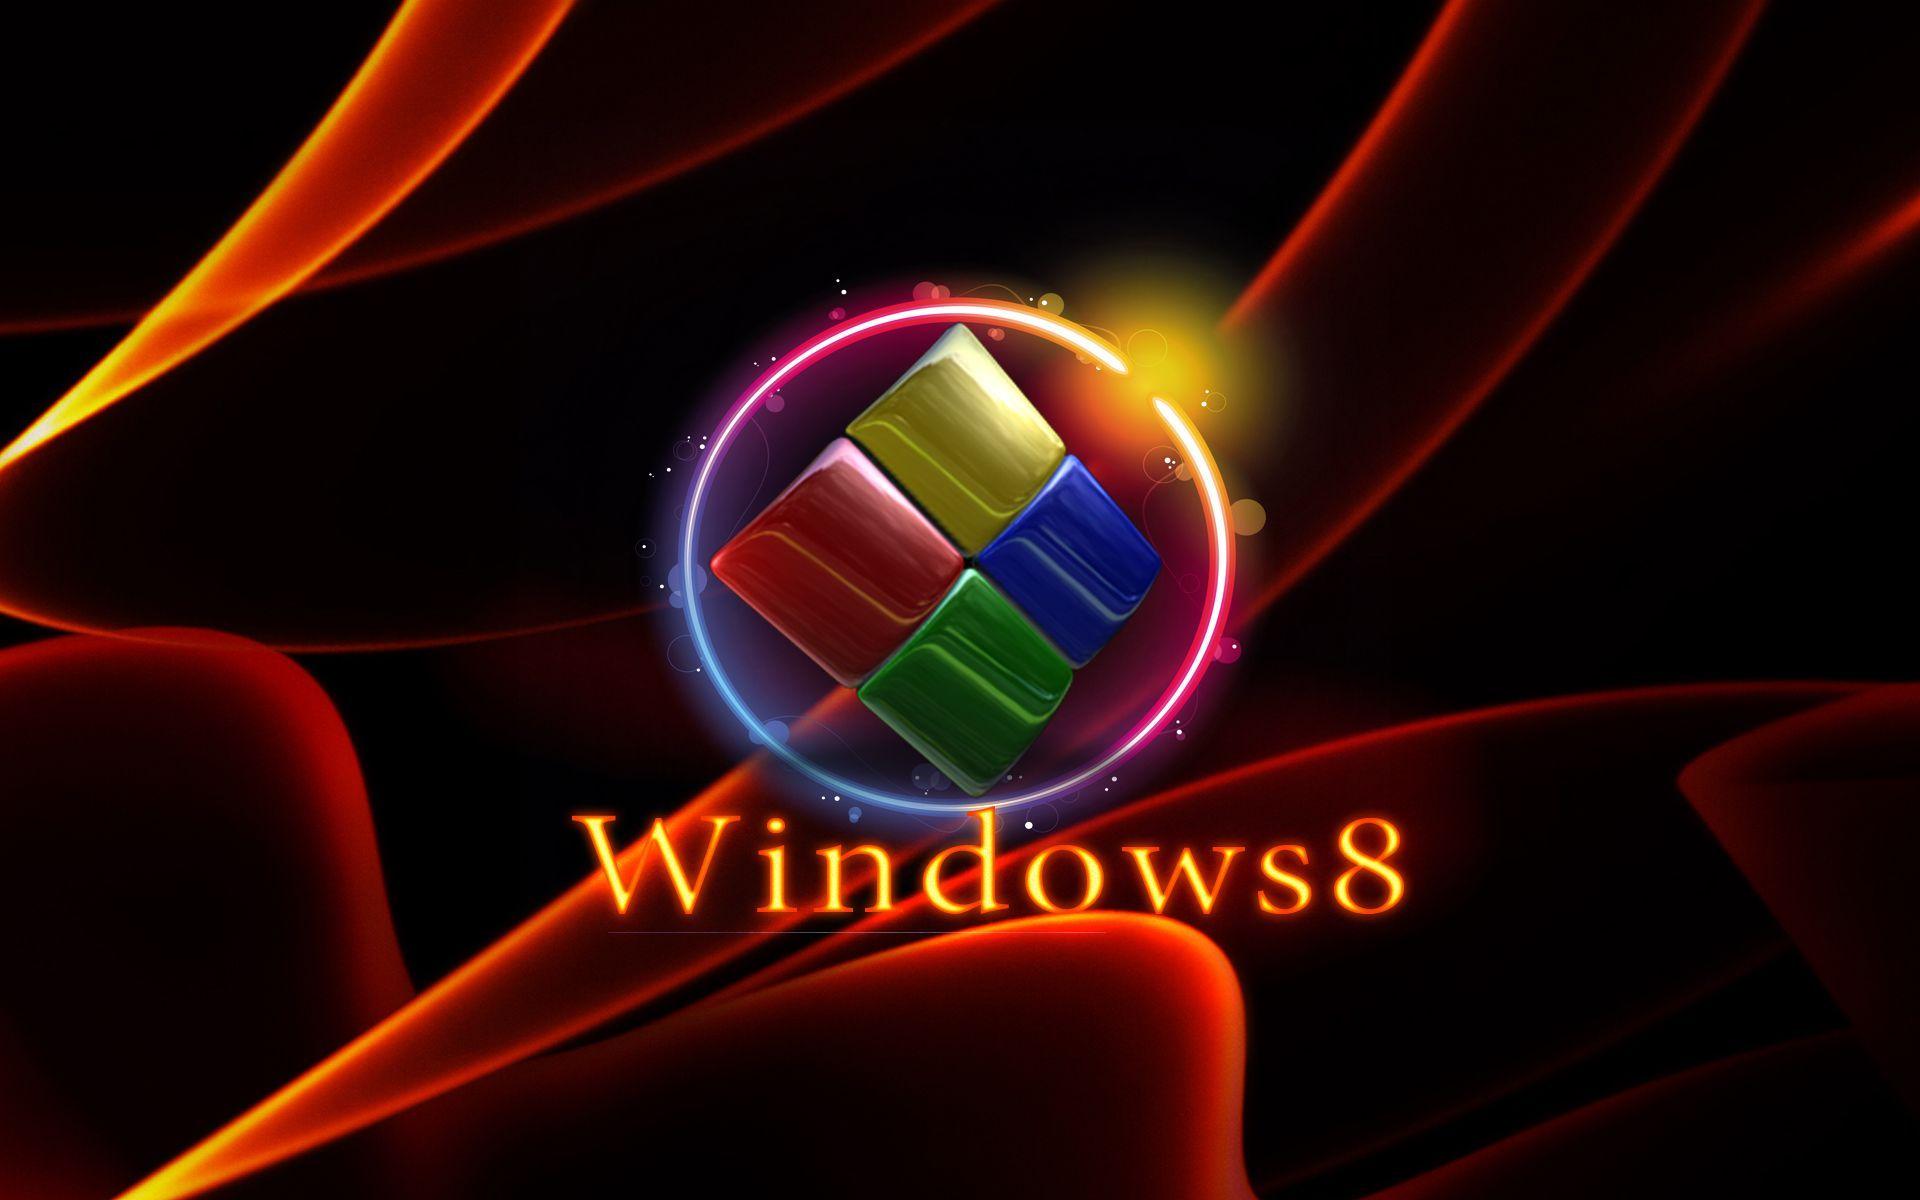 Wallpapers Hd D Windows 19201200 Windows 8 Wallpapers Hd 3d 49 Wallpapers 4k 2020